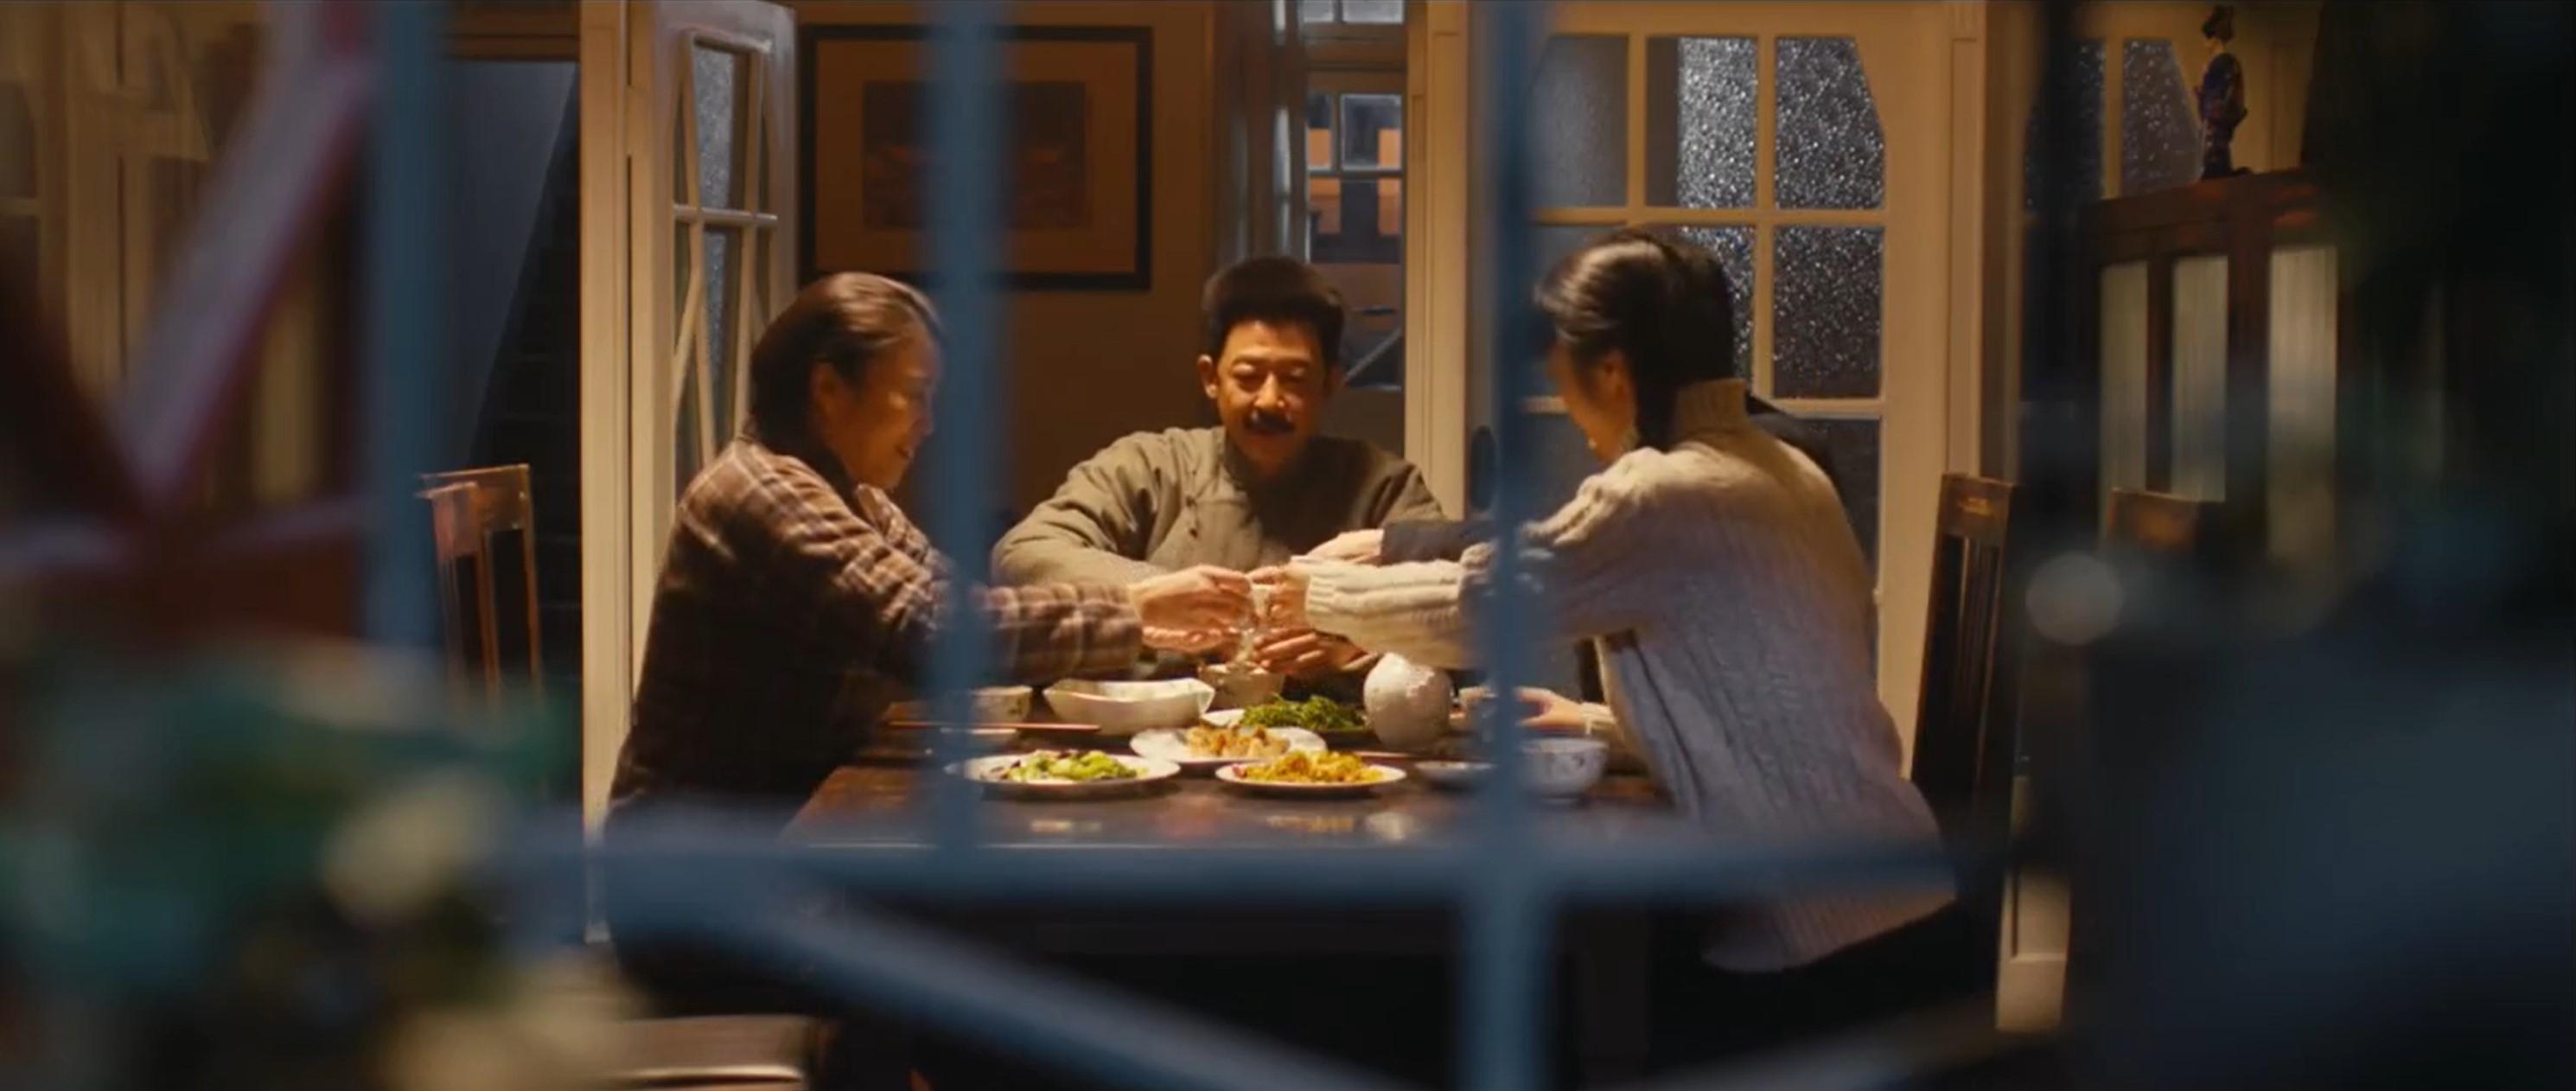 鲁迅的朋友圈与饭局:一部饭桌上的中国现代文学史